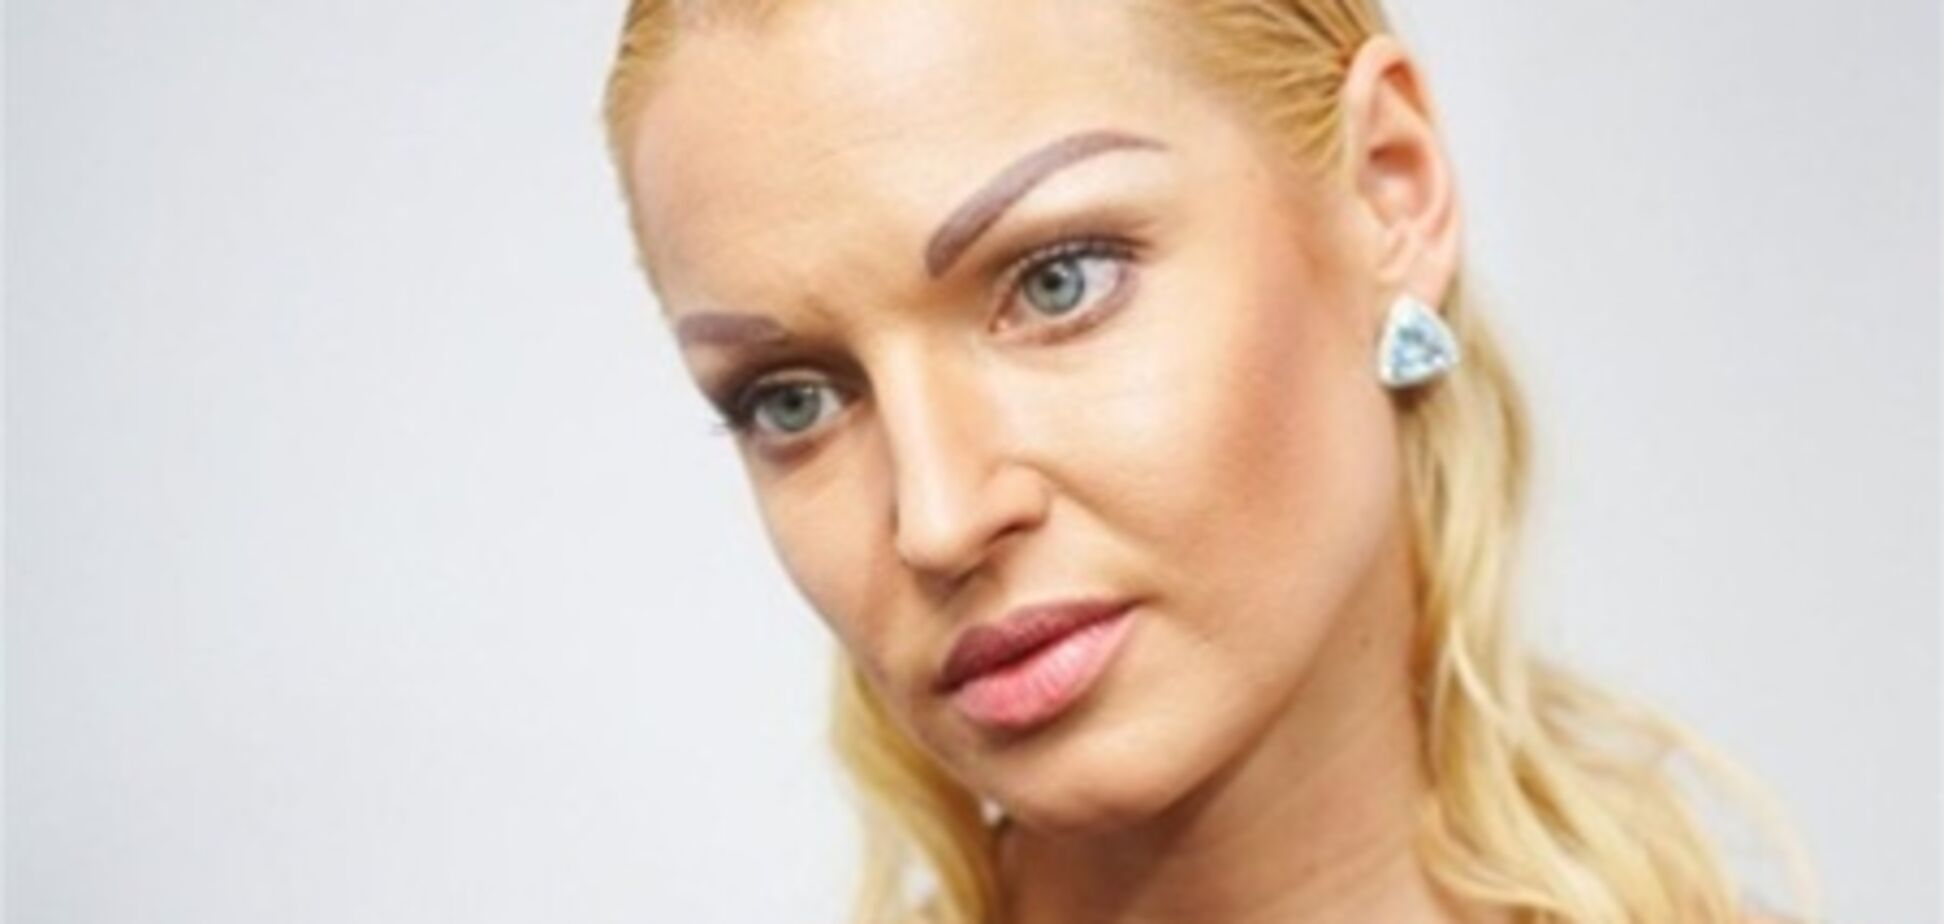 Екс-чоловік заборгував Волочкової $ 3,5 млн